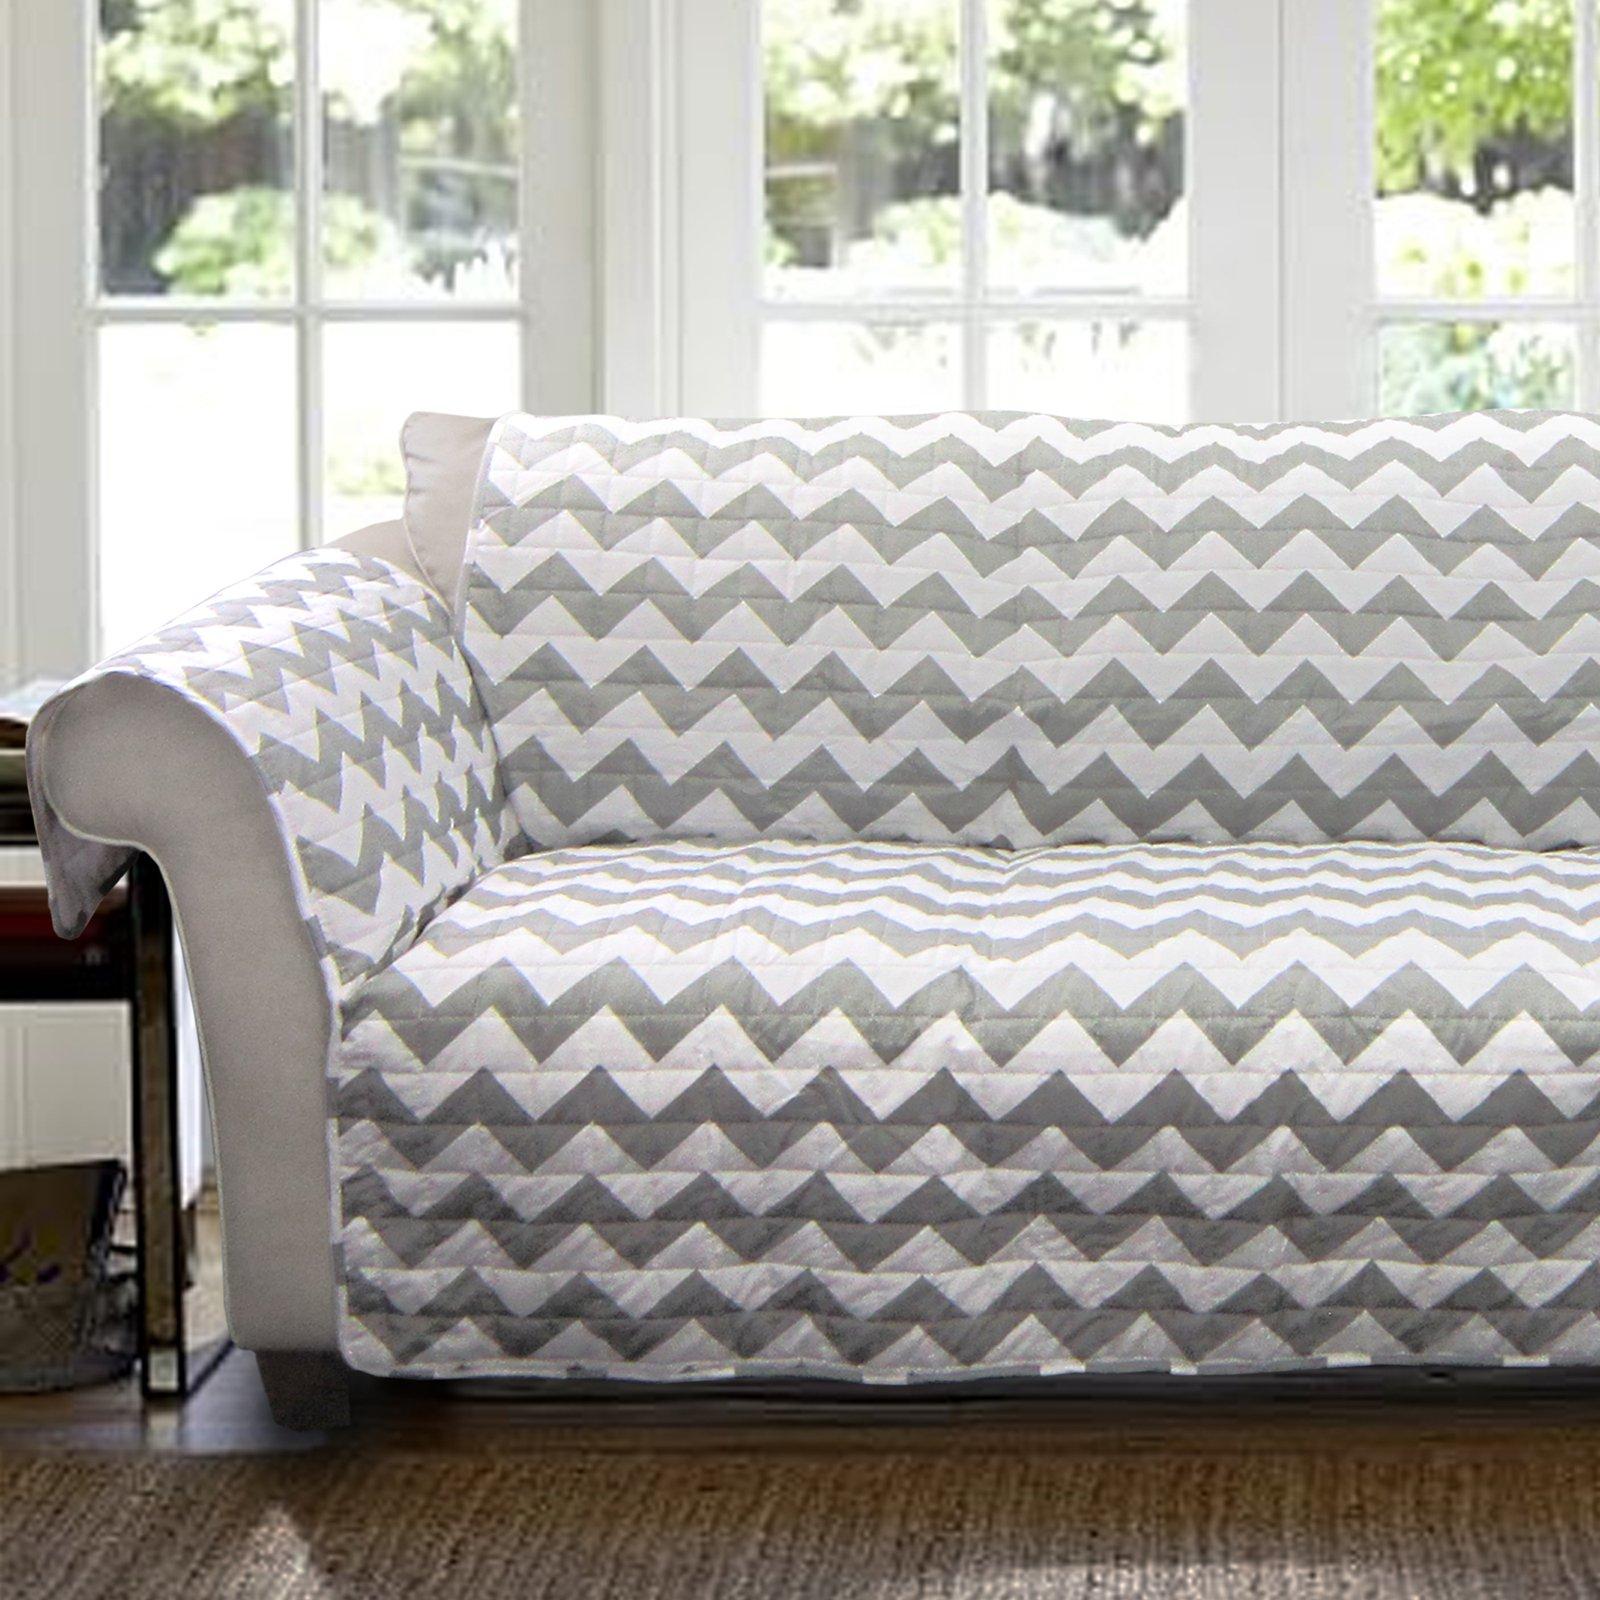 Chevron Furniture Protectors, Grey/white sofa couch cover